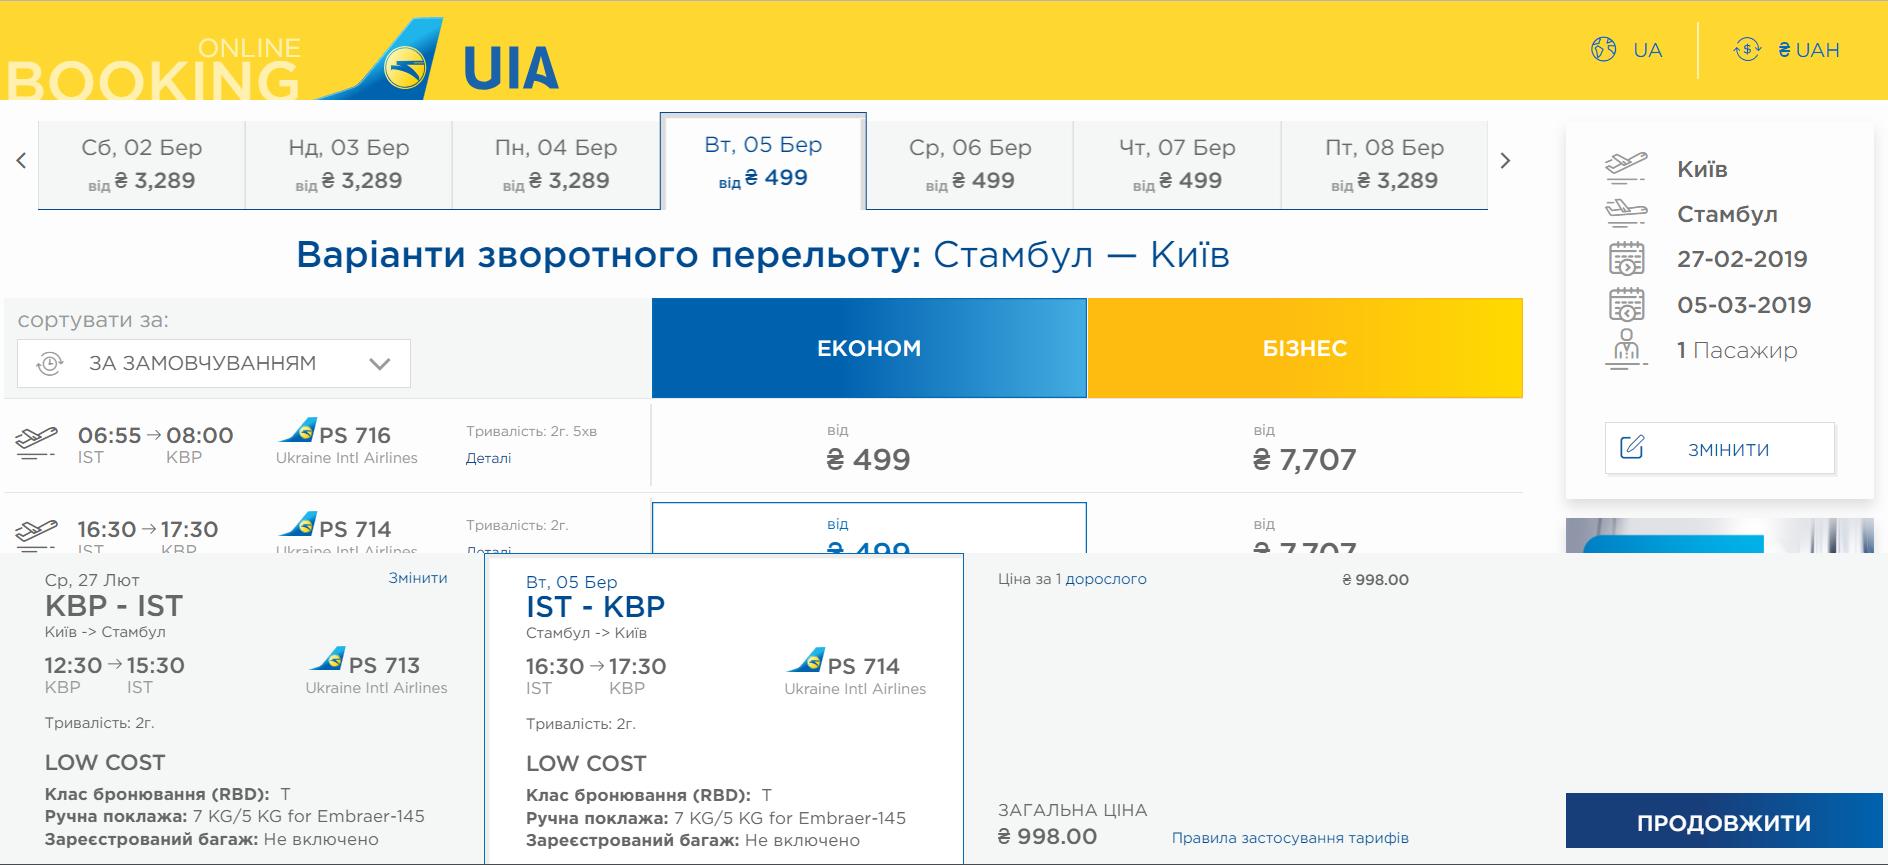 Авиабилеты в Стамбул из Киева и Одессы от 998 грн в две стороны в 2019 году! -